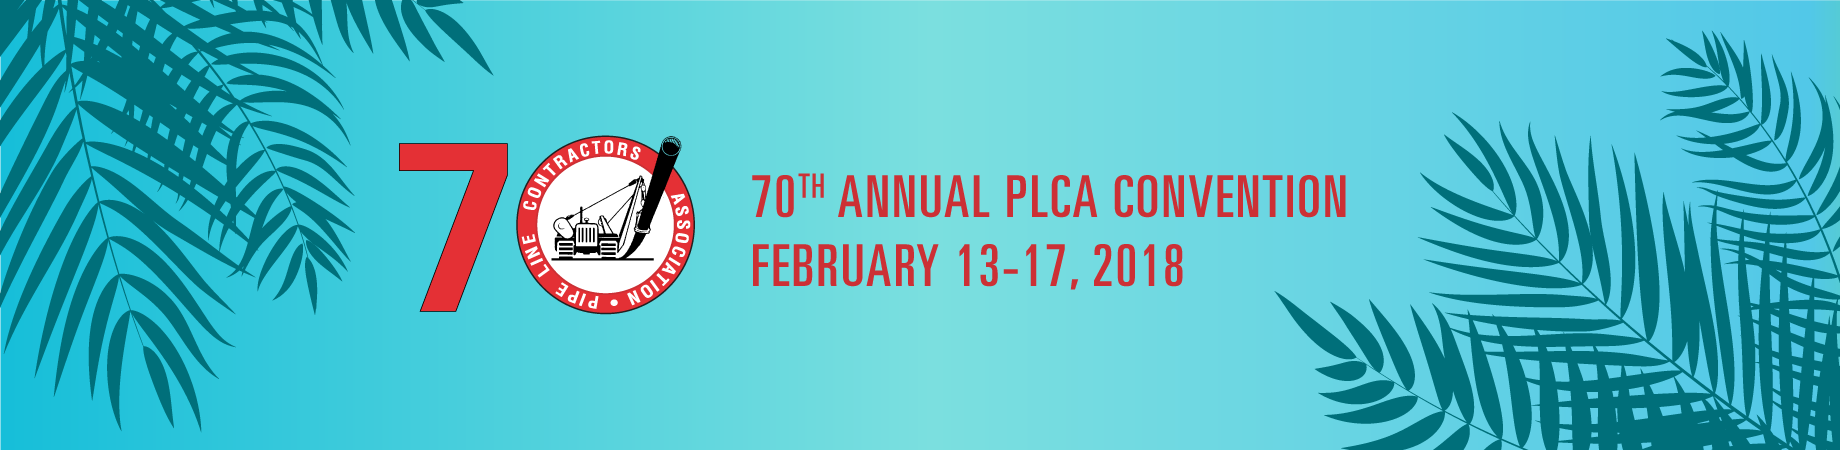 70th Annual PLCA Convention